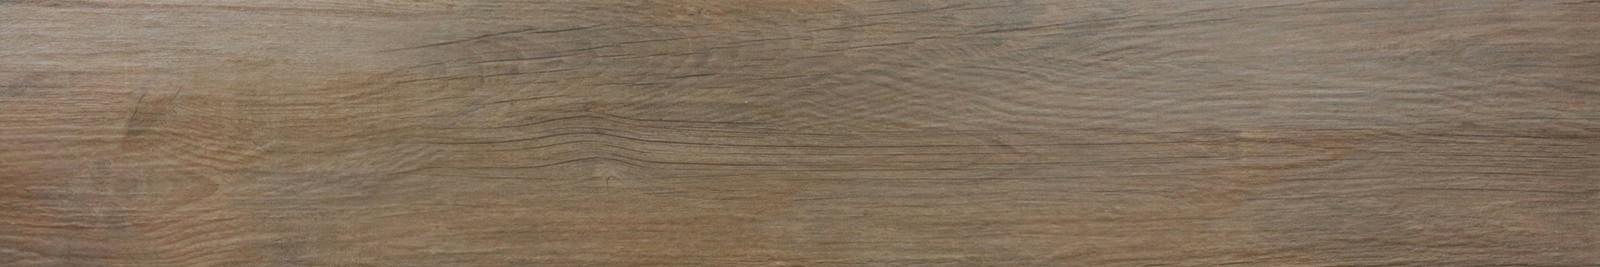 villeroy und boch boisee 20x120 cm barriquebraun 2747 bi90 0. Black Bedroom Furniture Sets. Home Design Ideas